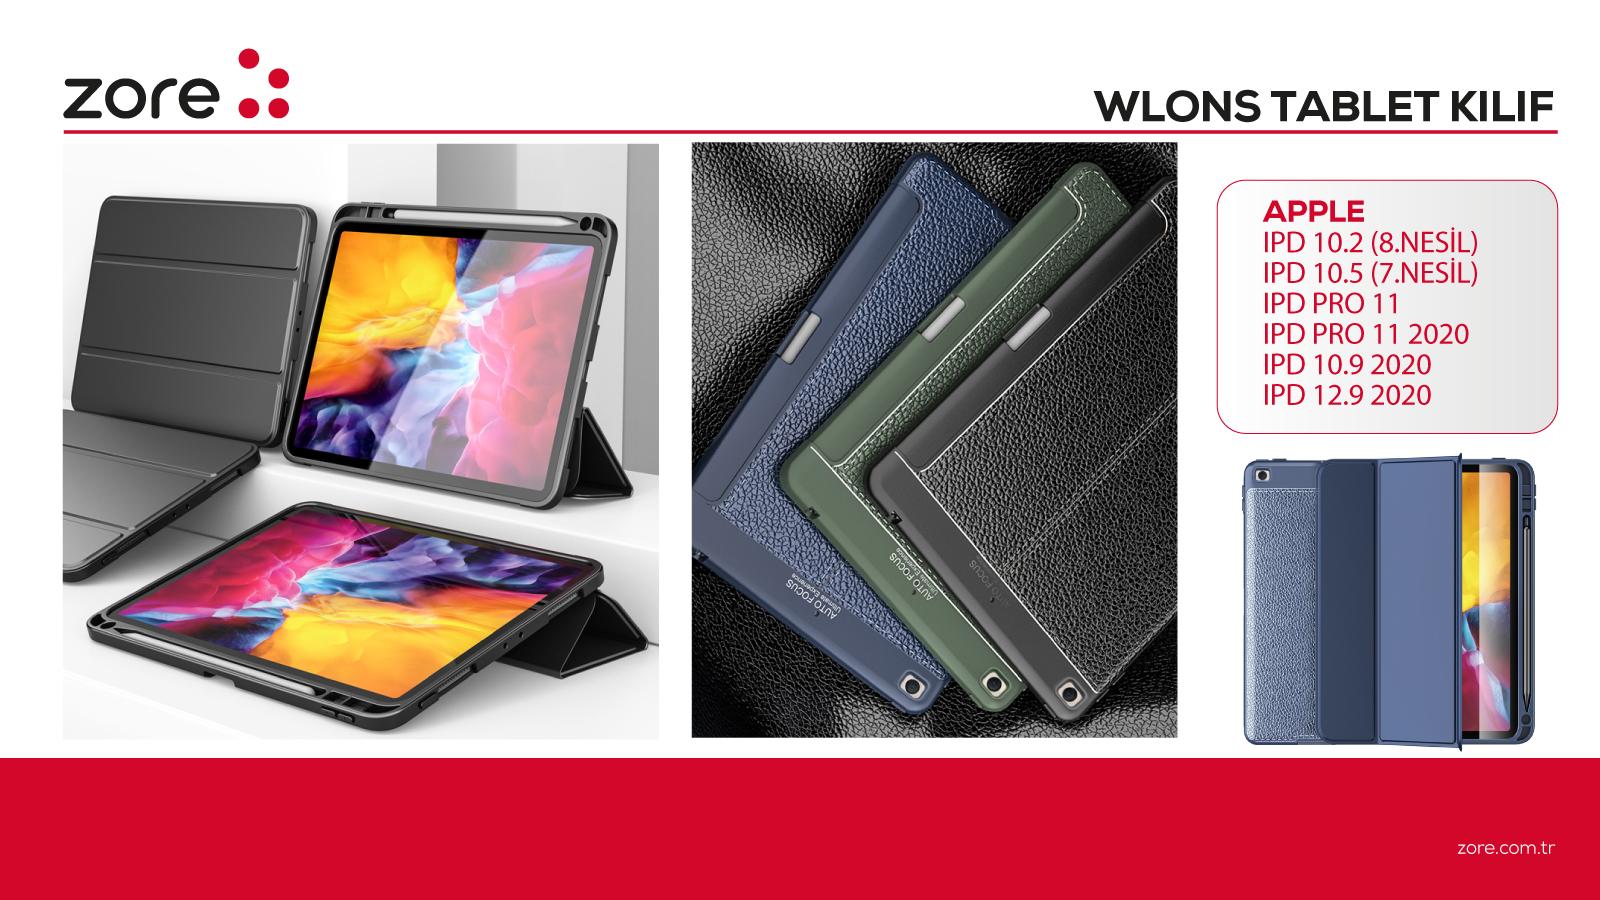 wlons tablet.jpg (627 KB)